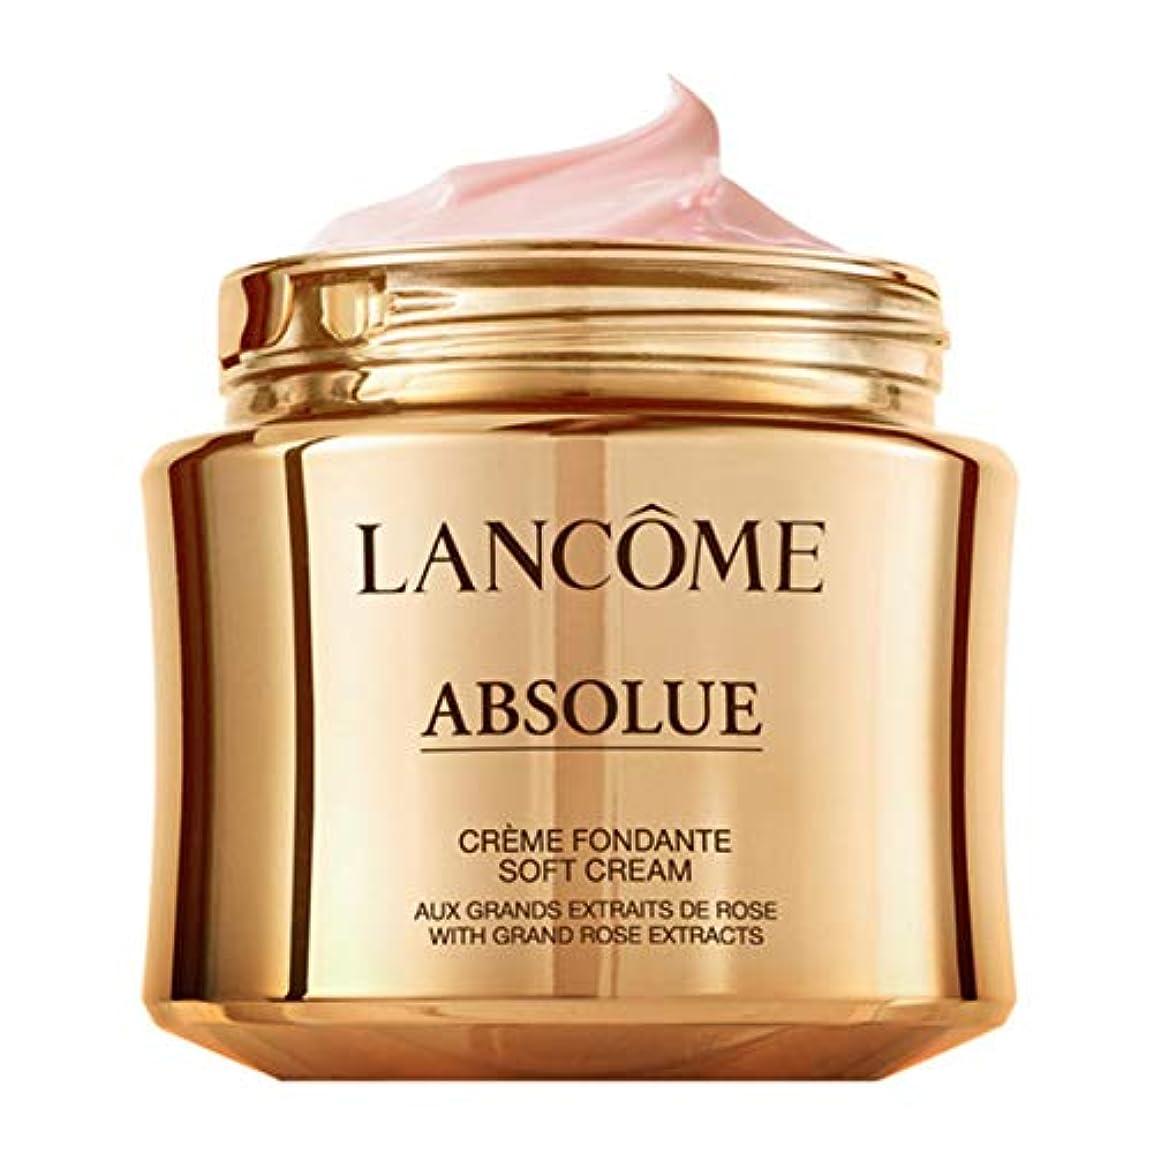 理解に向けて出発拡張ランコム Absolue Creme Fondante Soft Cream Refill 60ml/2oz並行輸入品